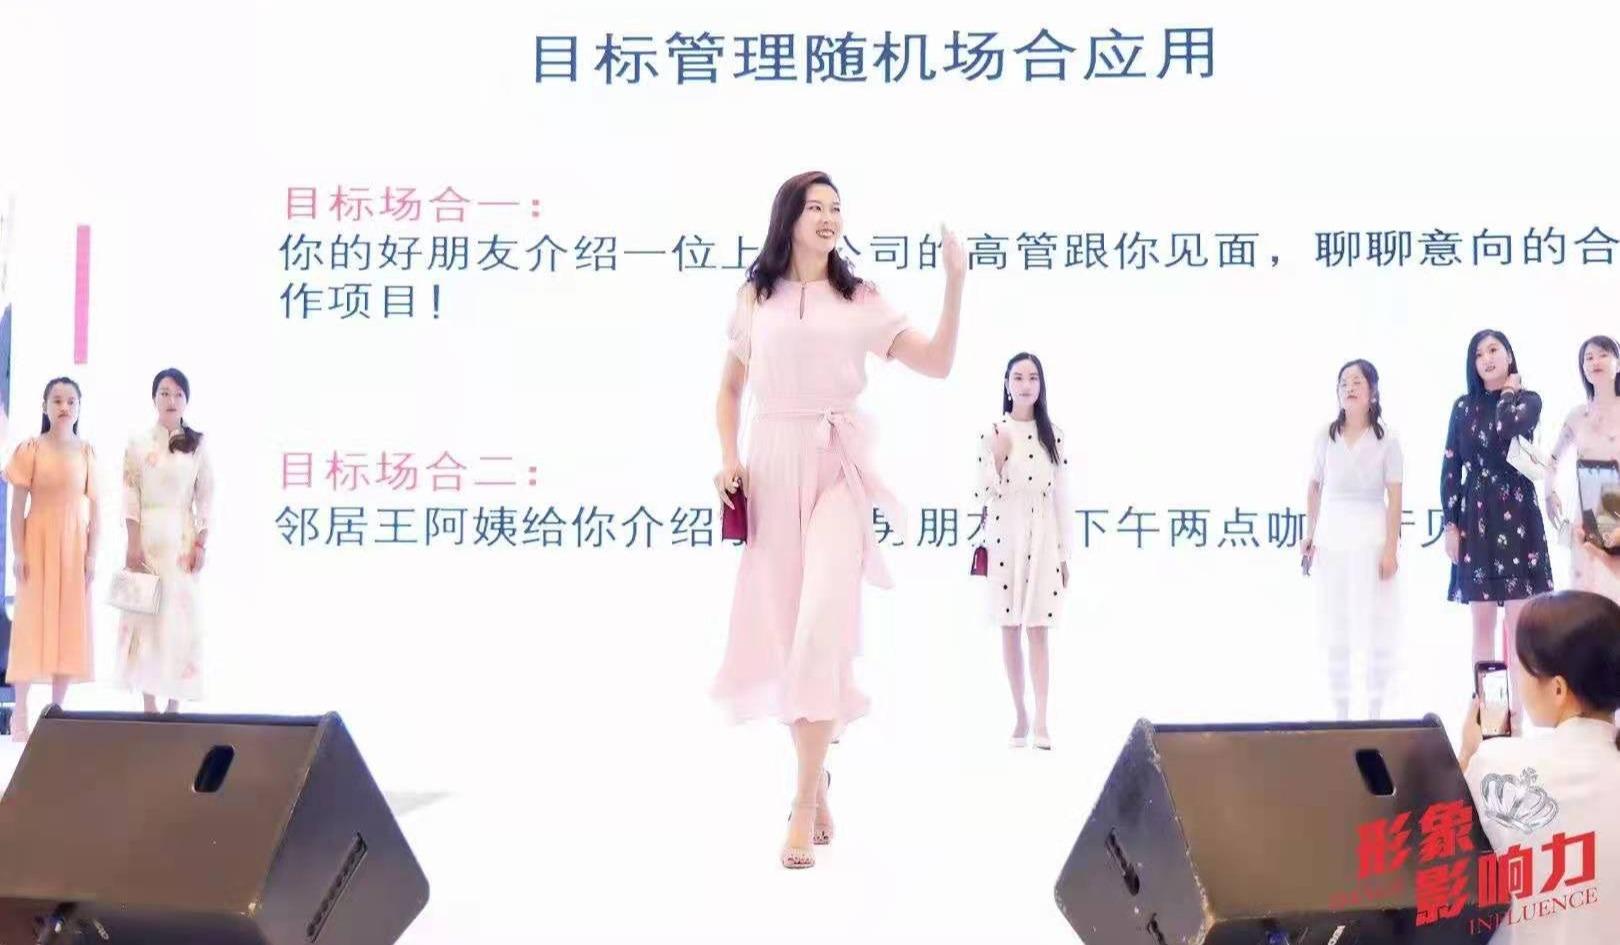 80后一定要学习的形象必修课《女性形象密码》——北京站